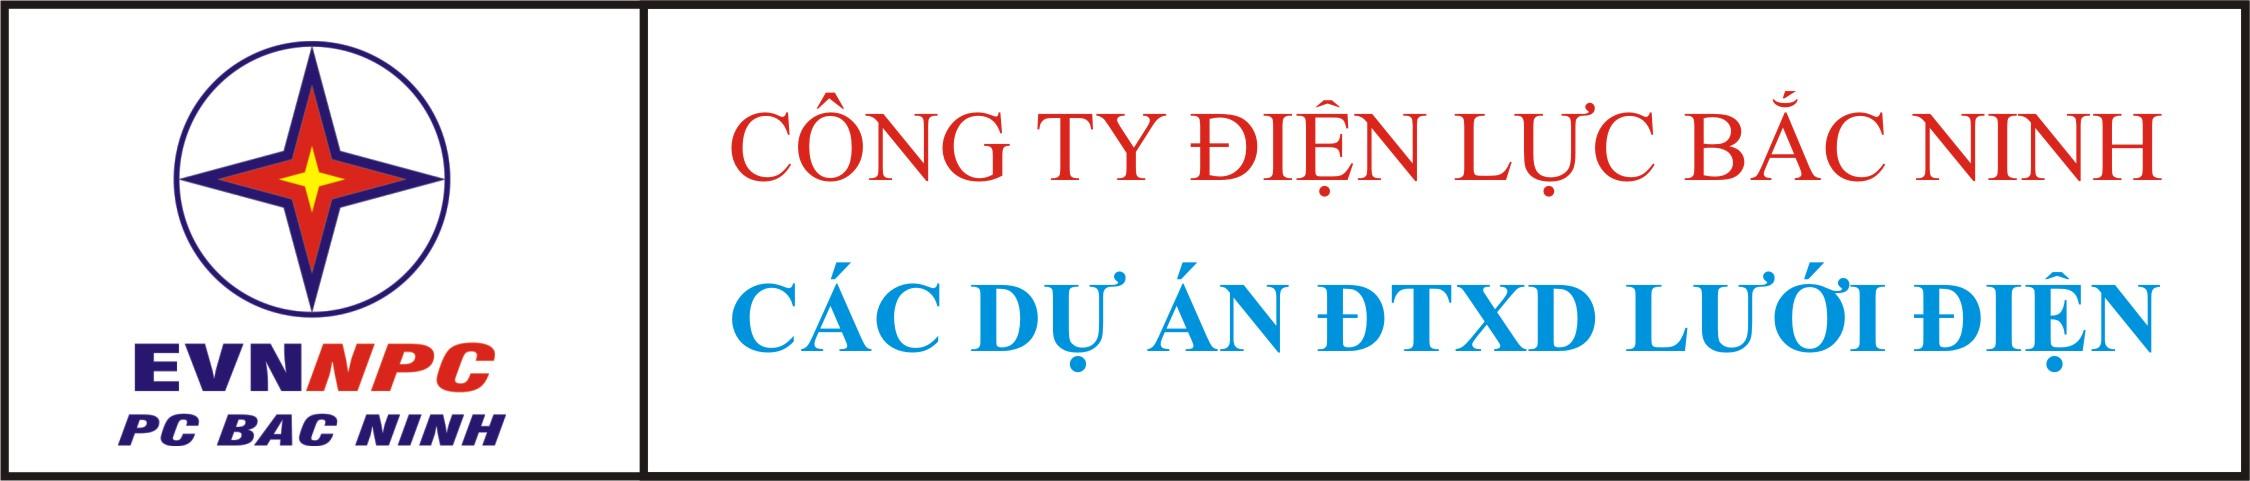 banner du an dien